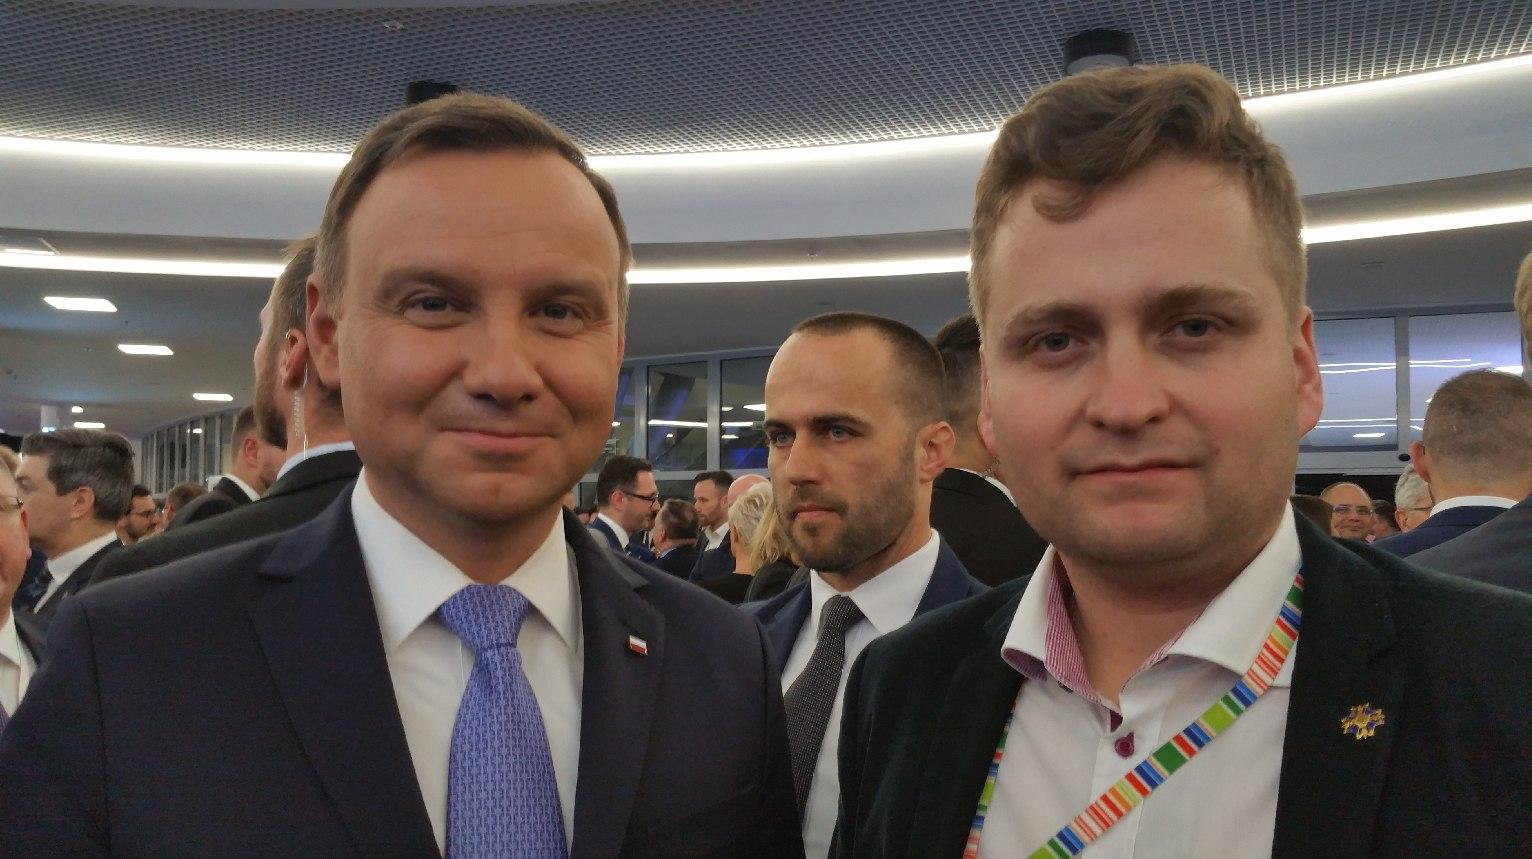 Olchowik na wspólnym zdjęciu z Prezydentem Andrzejem Dudą